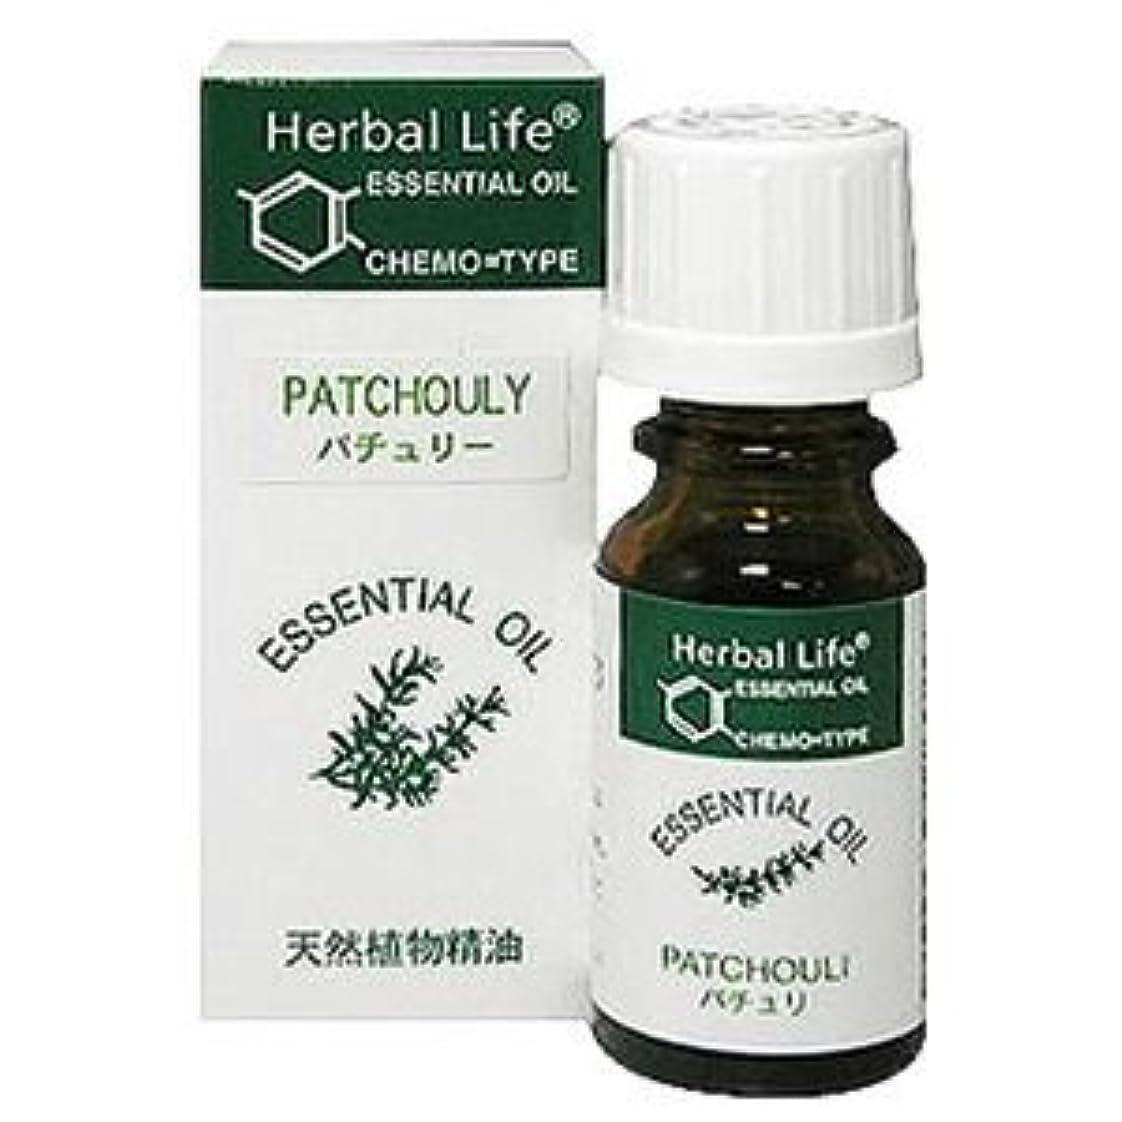 覆す分配します供給Herbal Life パチュリー 10ml